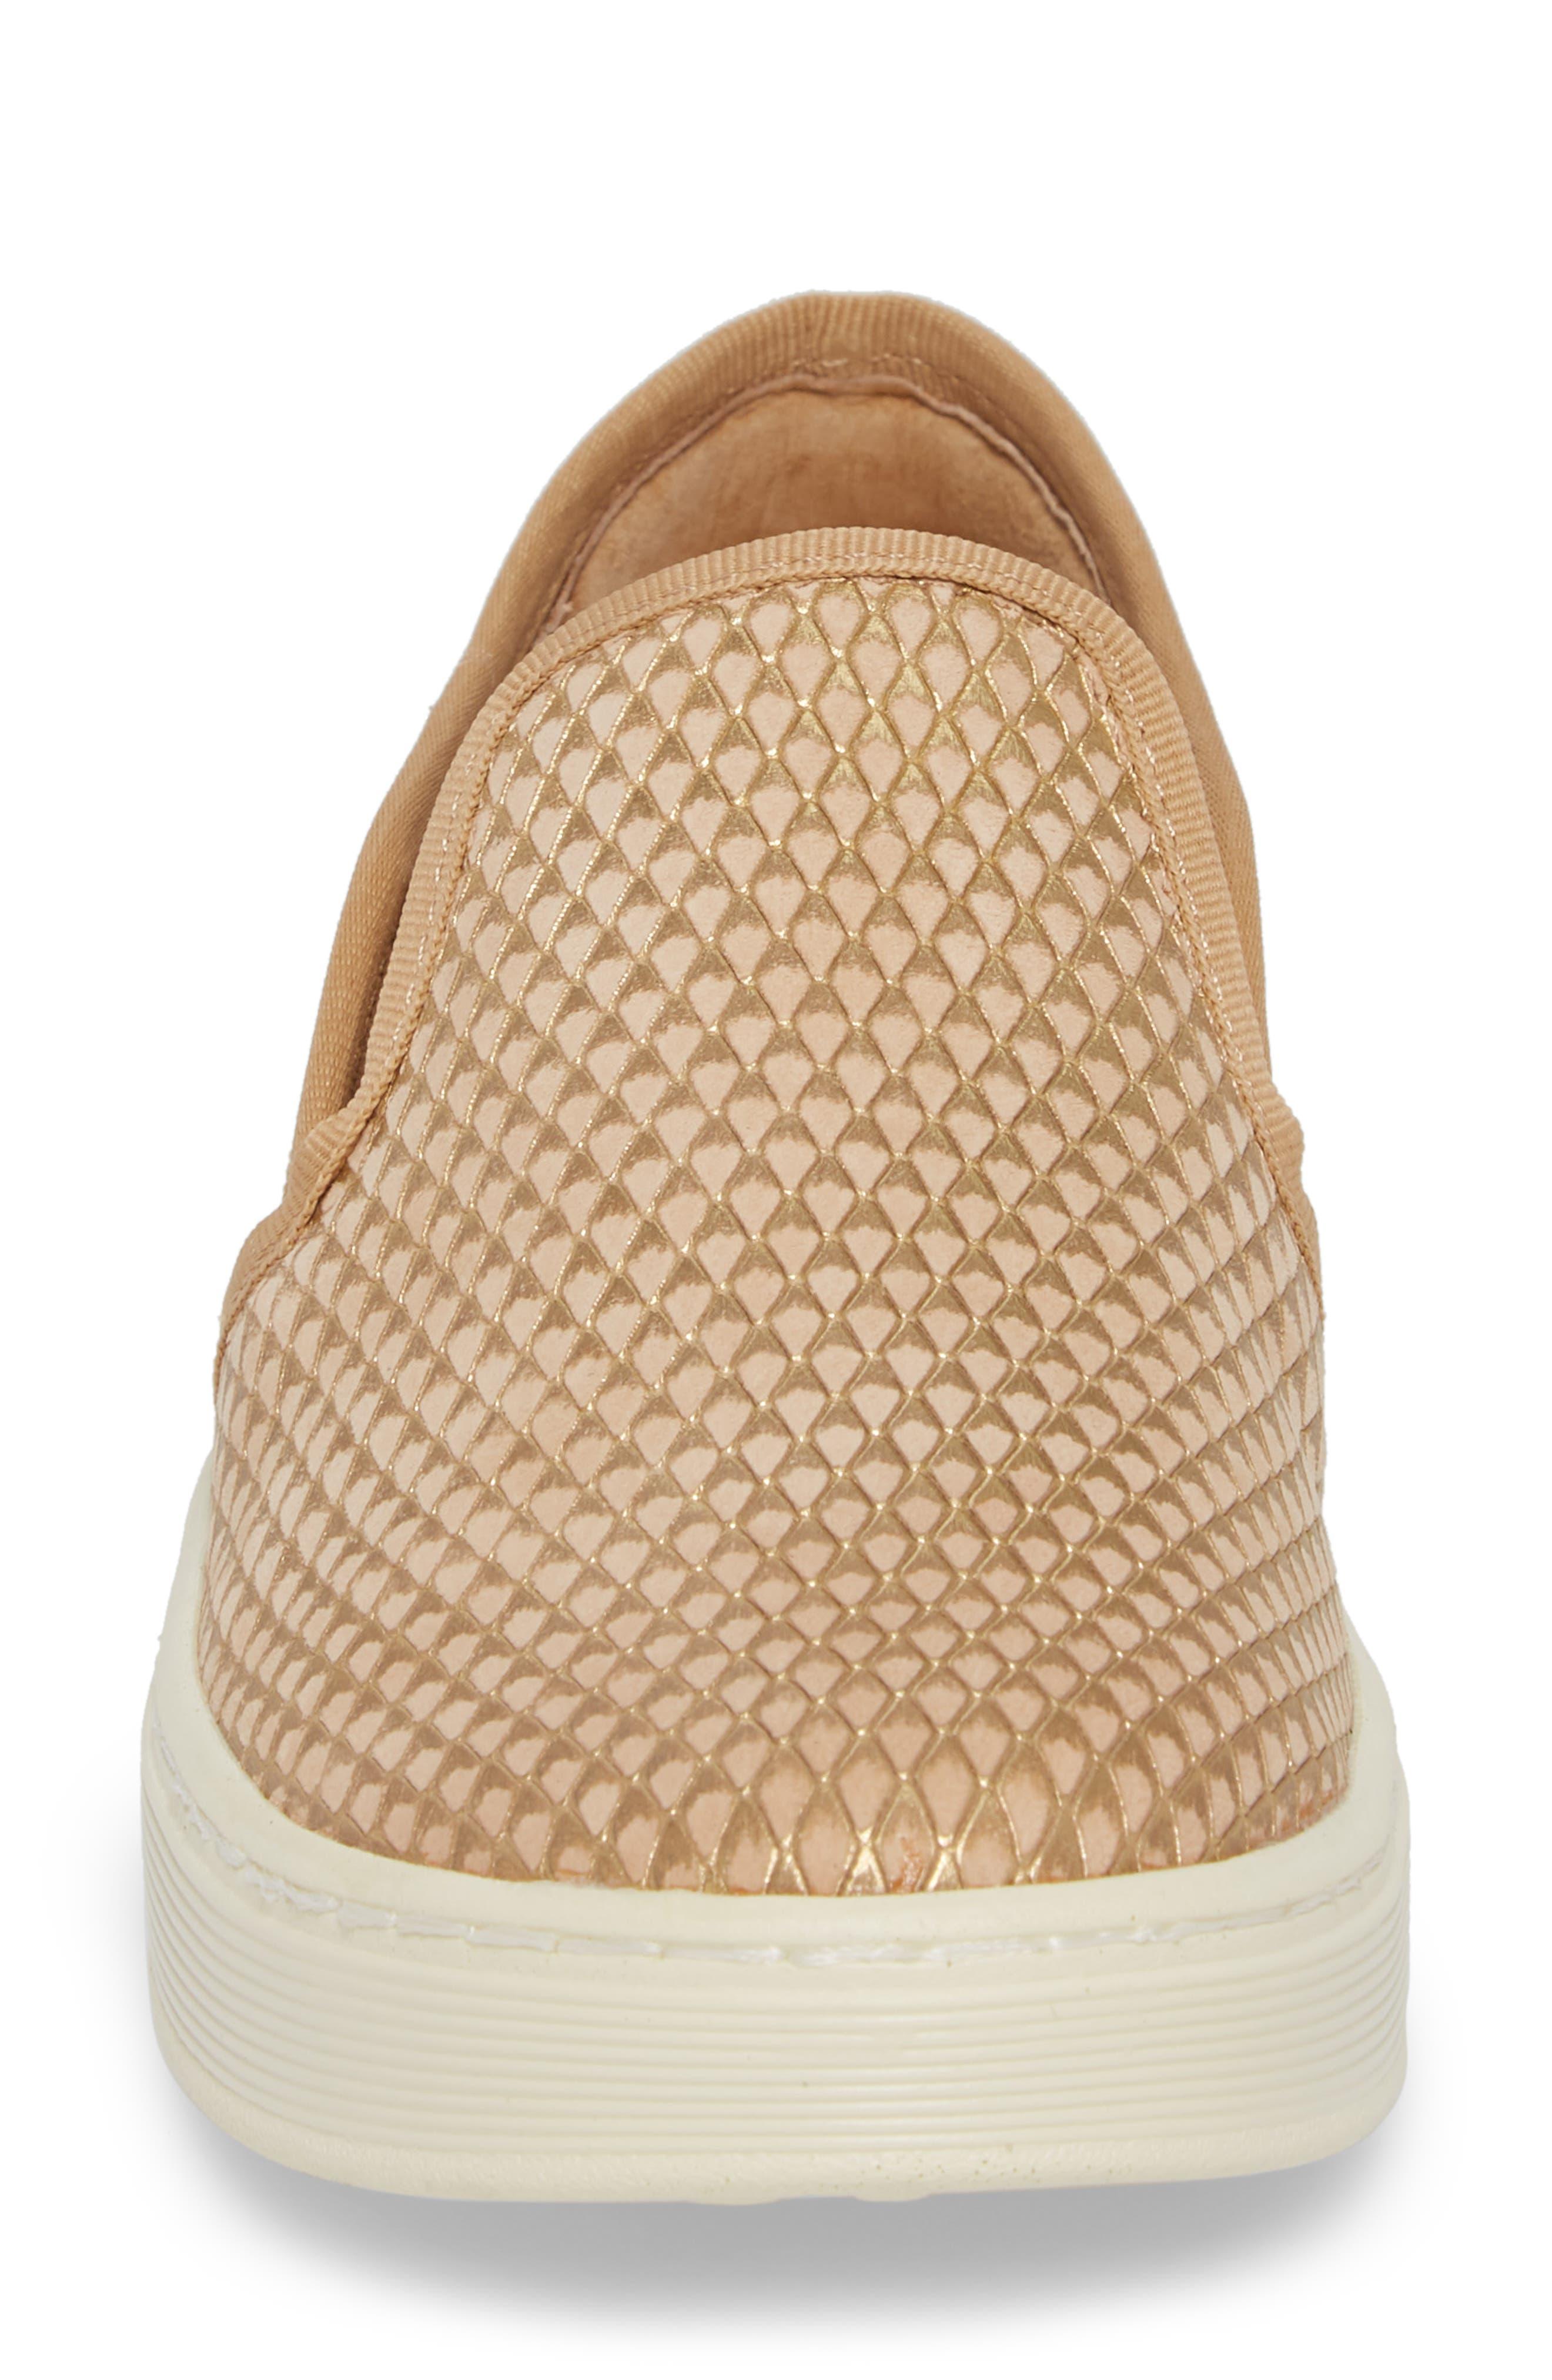 'Somers' Slip-On Sneaker,                             Alternate thumbnail 4, color,                             Sand Nubuck